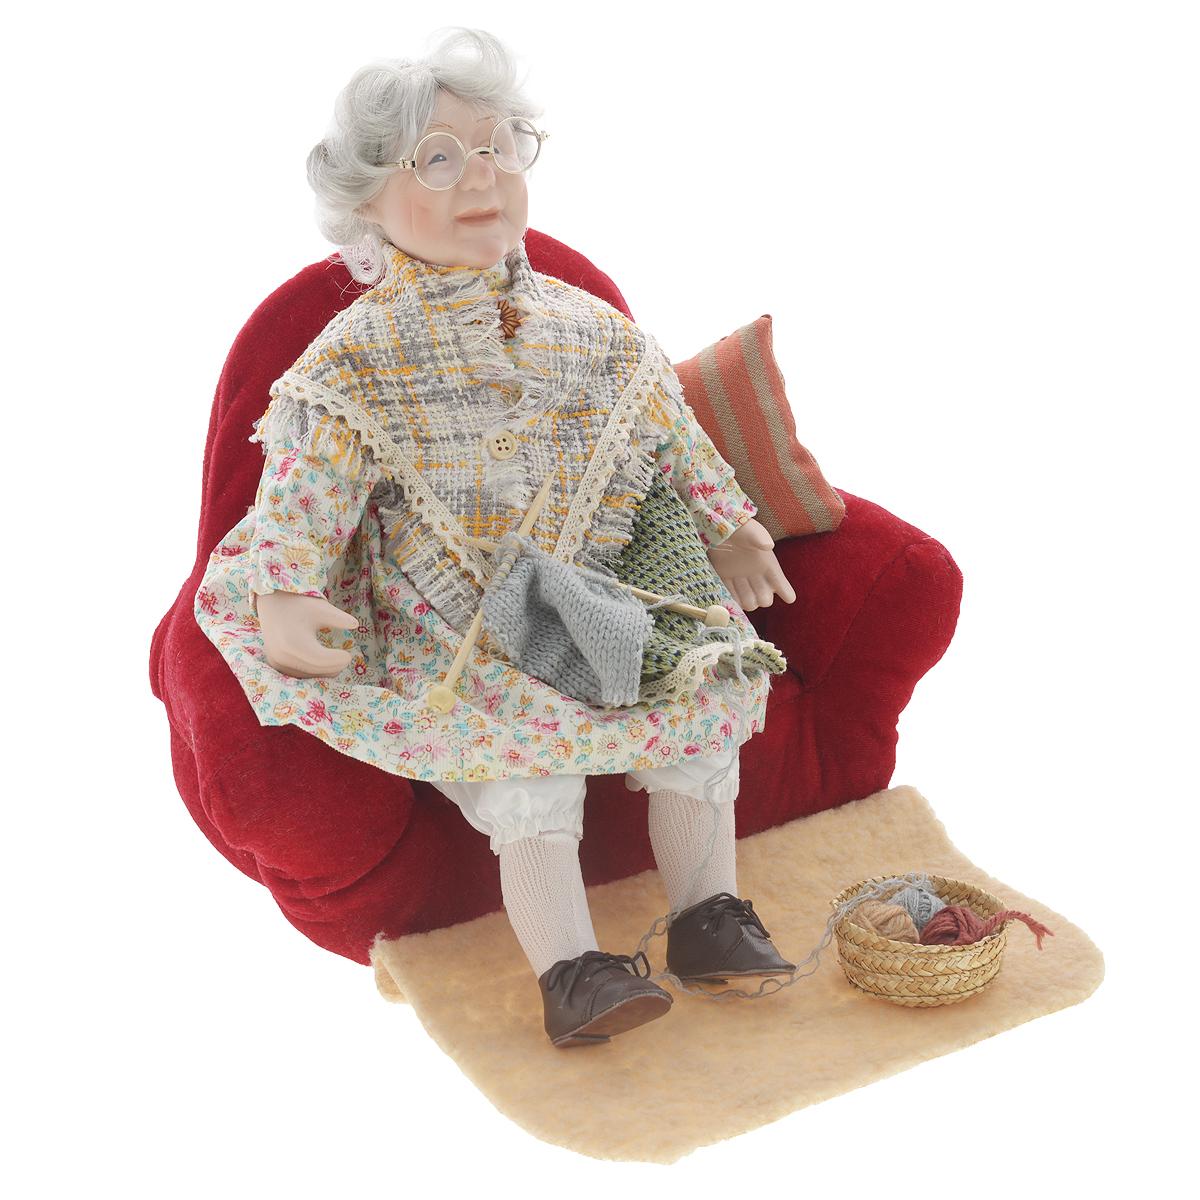 Кукла фарфоровая Бабушка, 38 см15814Великолепная кукла Бабушка, выполненная из фарфора, займет достойное место в вашей коллекции. Лицо бабушки украшают оригинальные очки. Седые волосы бабушки имеет игривые завитки. Румянец на щеках приближает куклу к живому прототипу. Туловище куклы мягконабивное. Бабушка наряжена в платье, выполненное из полиэстера. Поверх платья, вязаный фартук. На плечи накинут платок. На ногах бабушки ботиночки на шнурках. Кукла располагается на мягком диване со спицами в руках. Картину дополняют подушка, коврик и соломенная корзинка с пряжей.